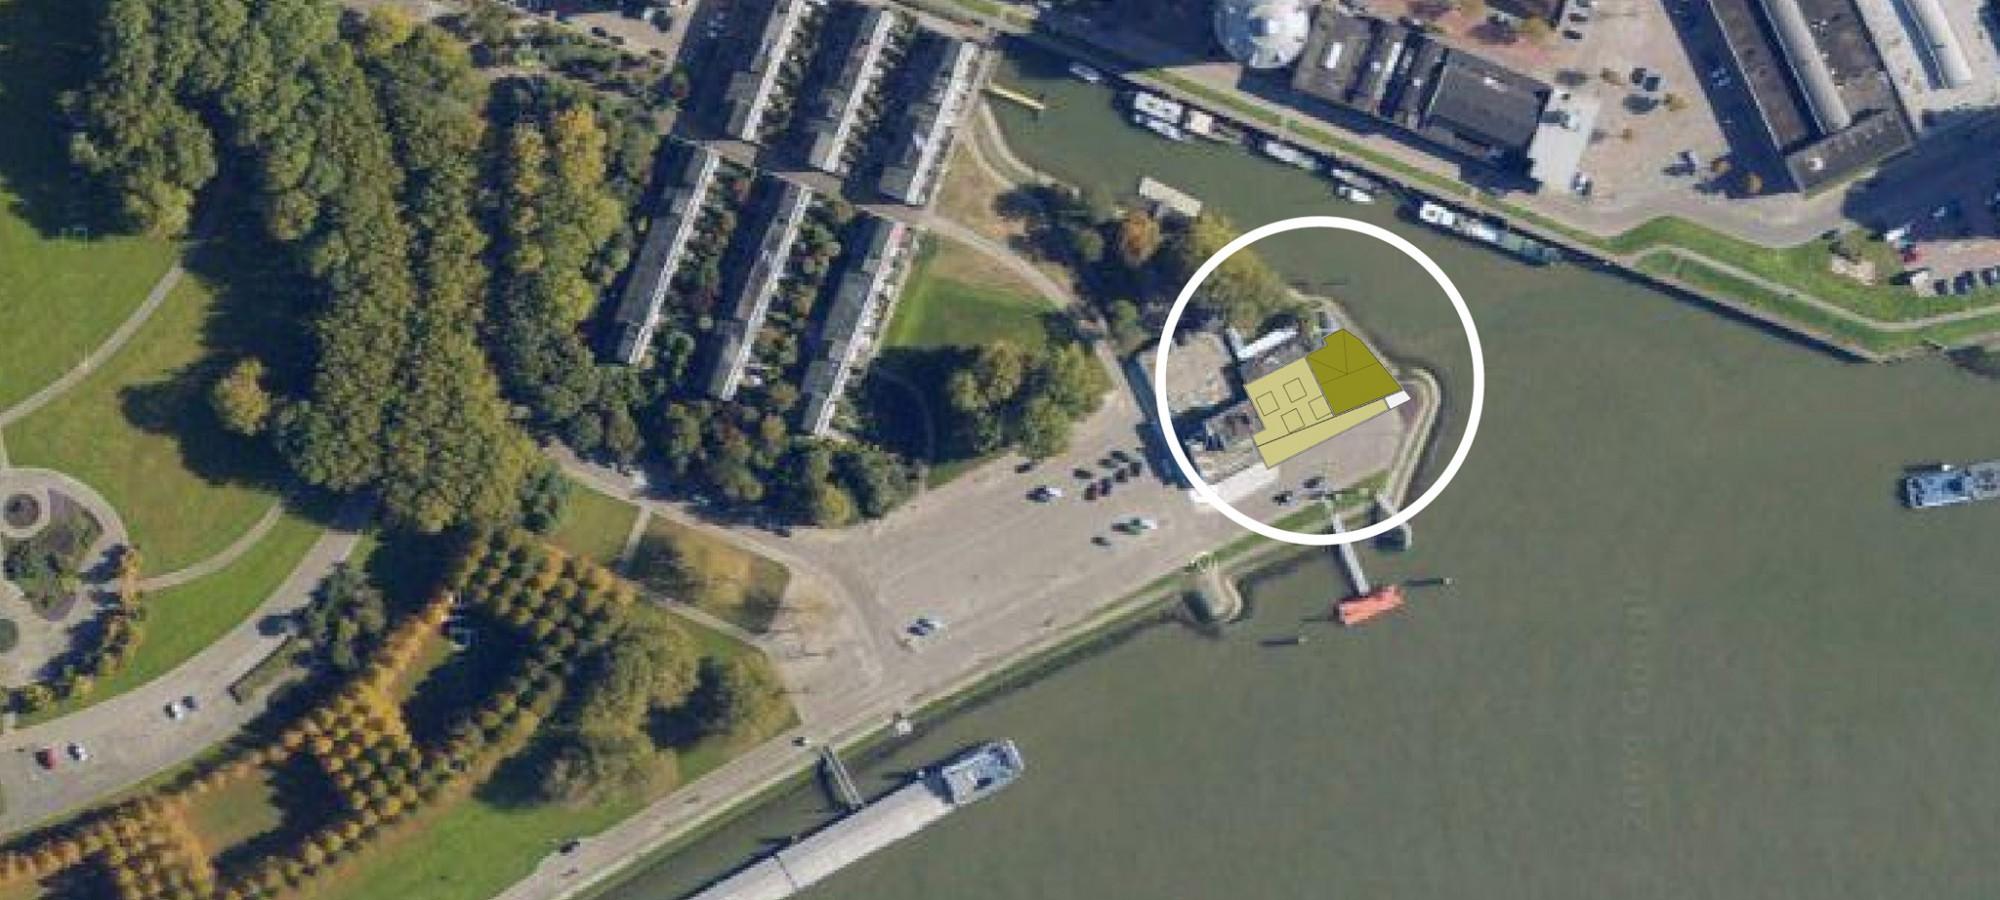 Opvang Dak- en Thuislozen Plantagelaan, Rotterdam © drost + van veen architecten bv